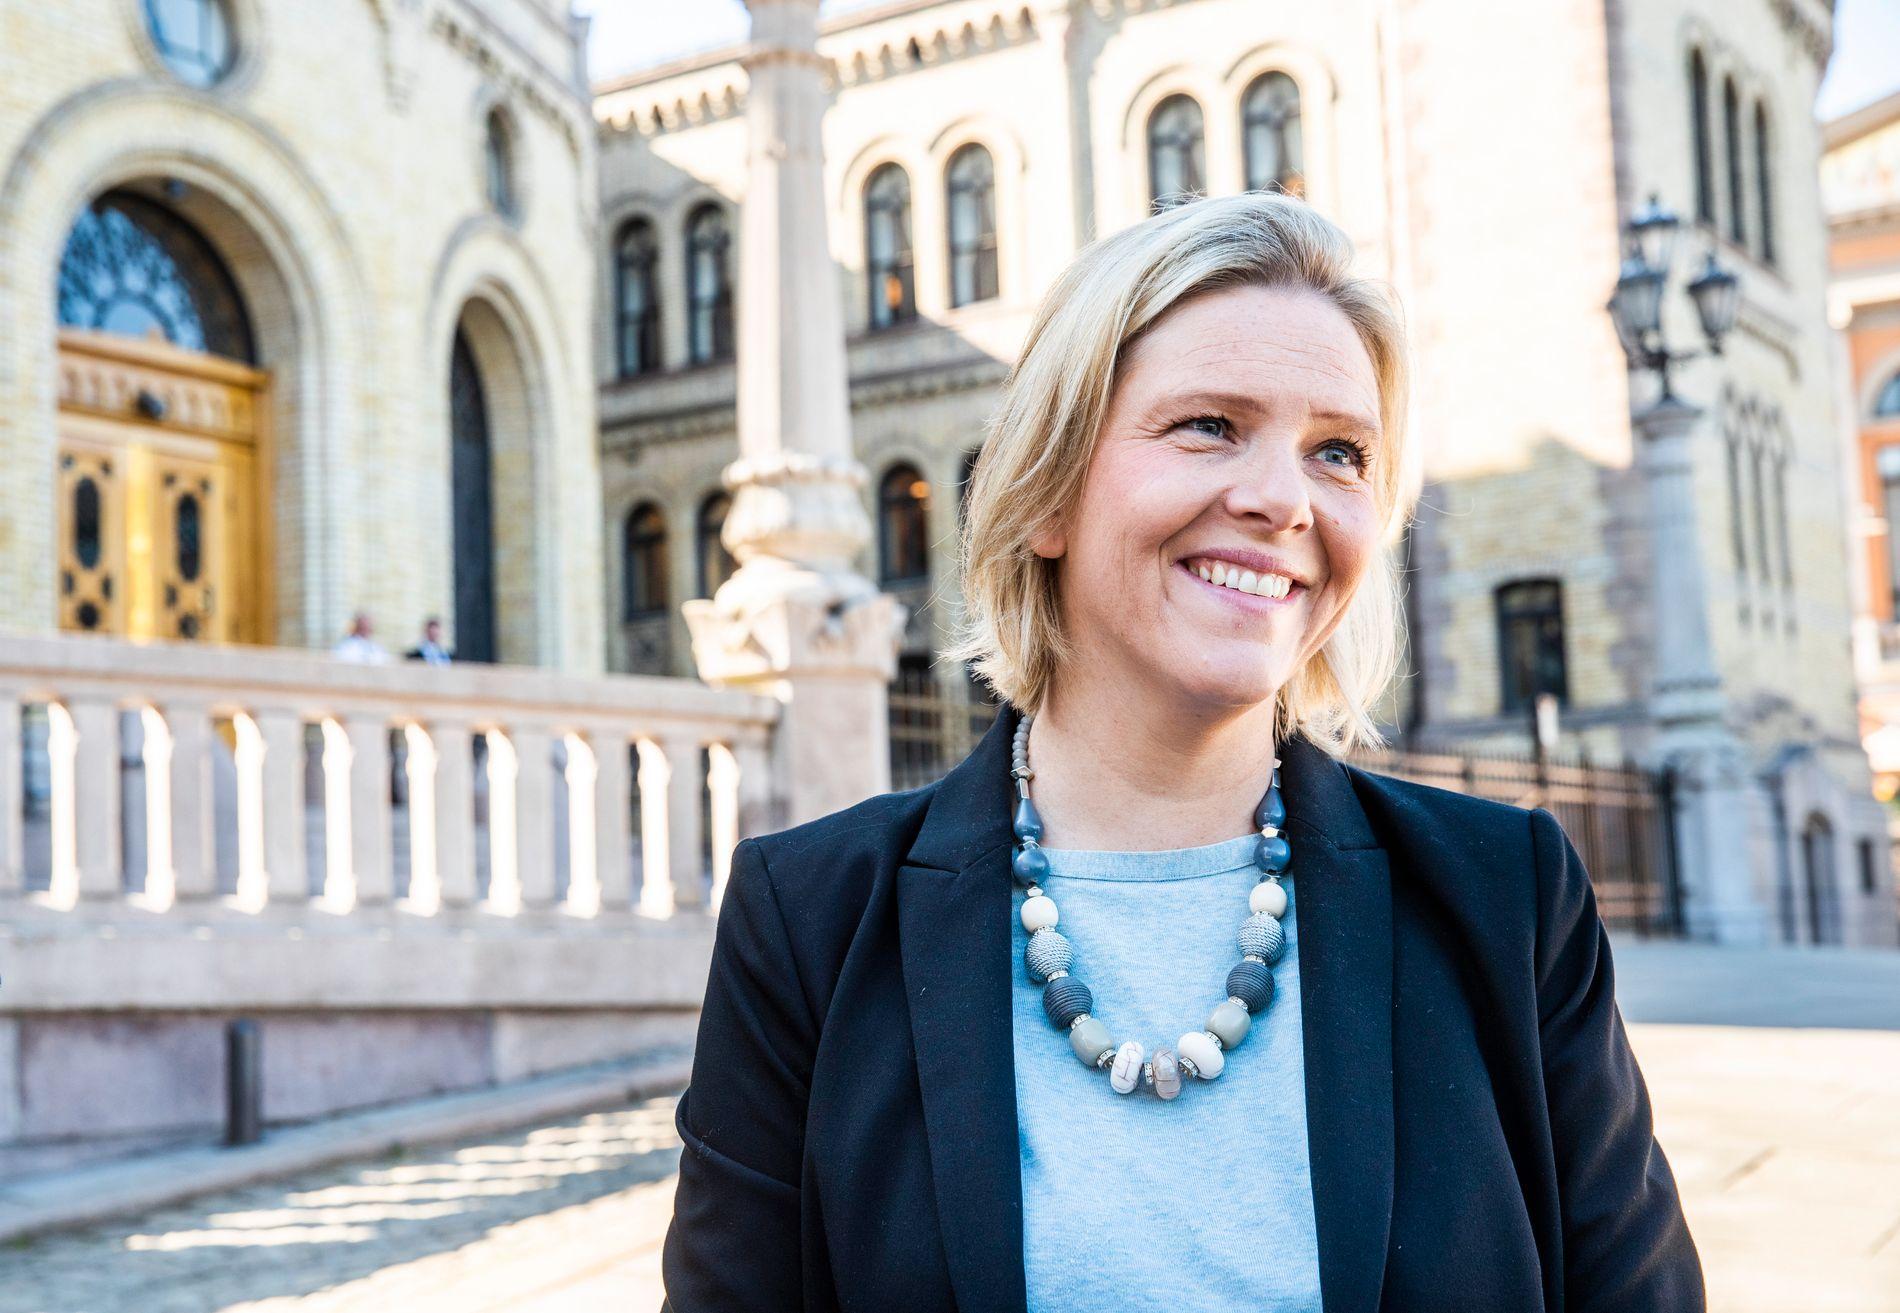 UAKTUELT: Folkehelseminister og Frp-nestleder Sylvi Listhaug mener de få som fortsatt røyker plages nok som det er.